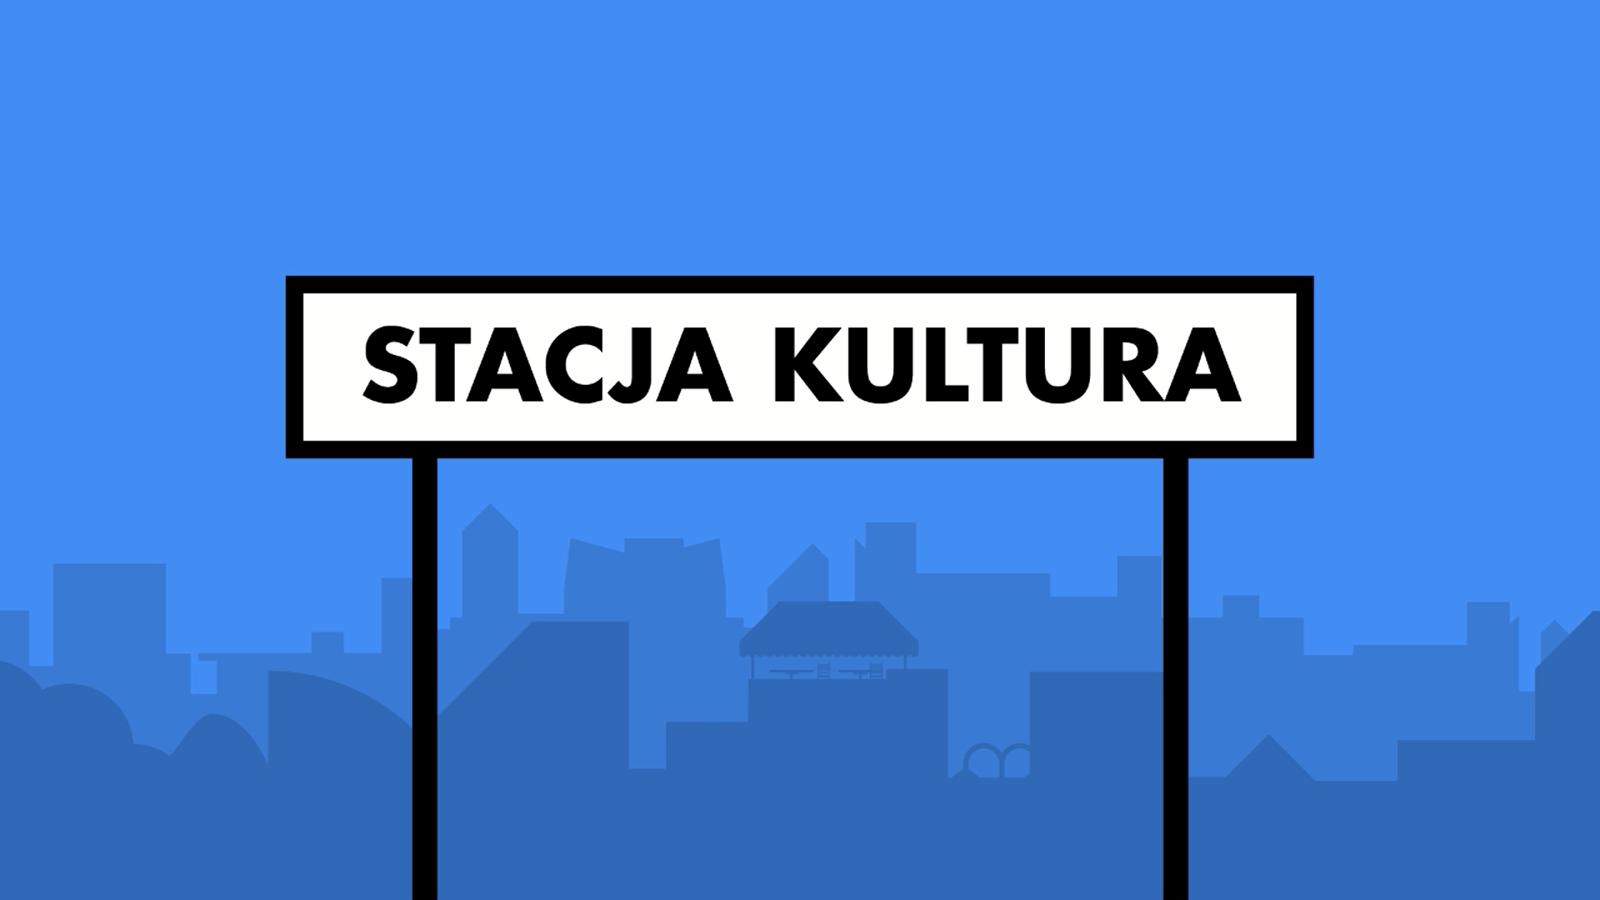 """Na znaku przypominającym znak stacji kolejowej napis """"Stacja kultura"""". W tle stylizowane niebieskie sylwetki budynków."""